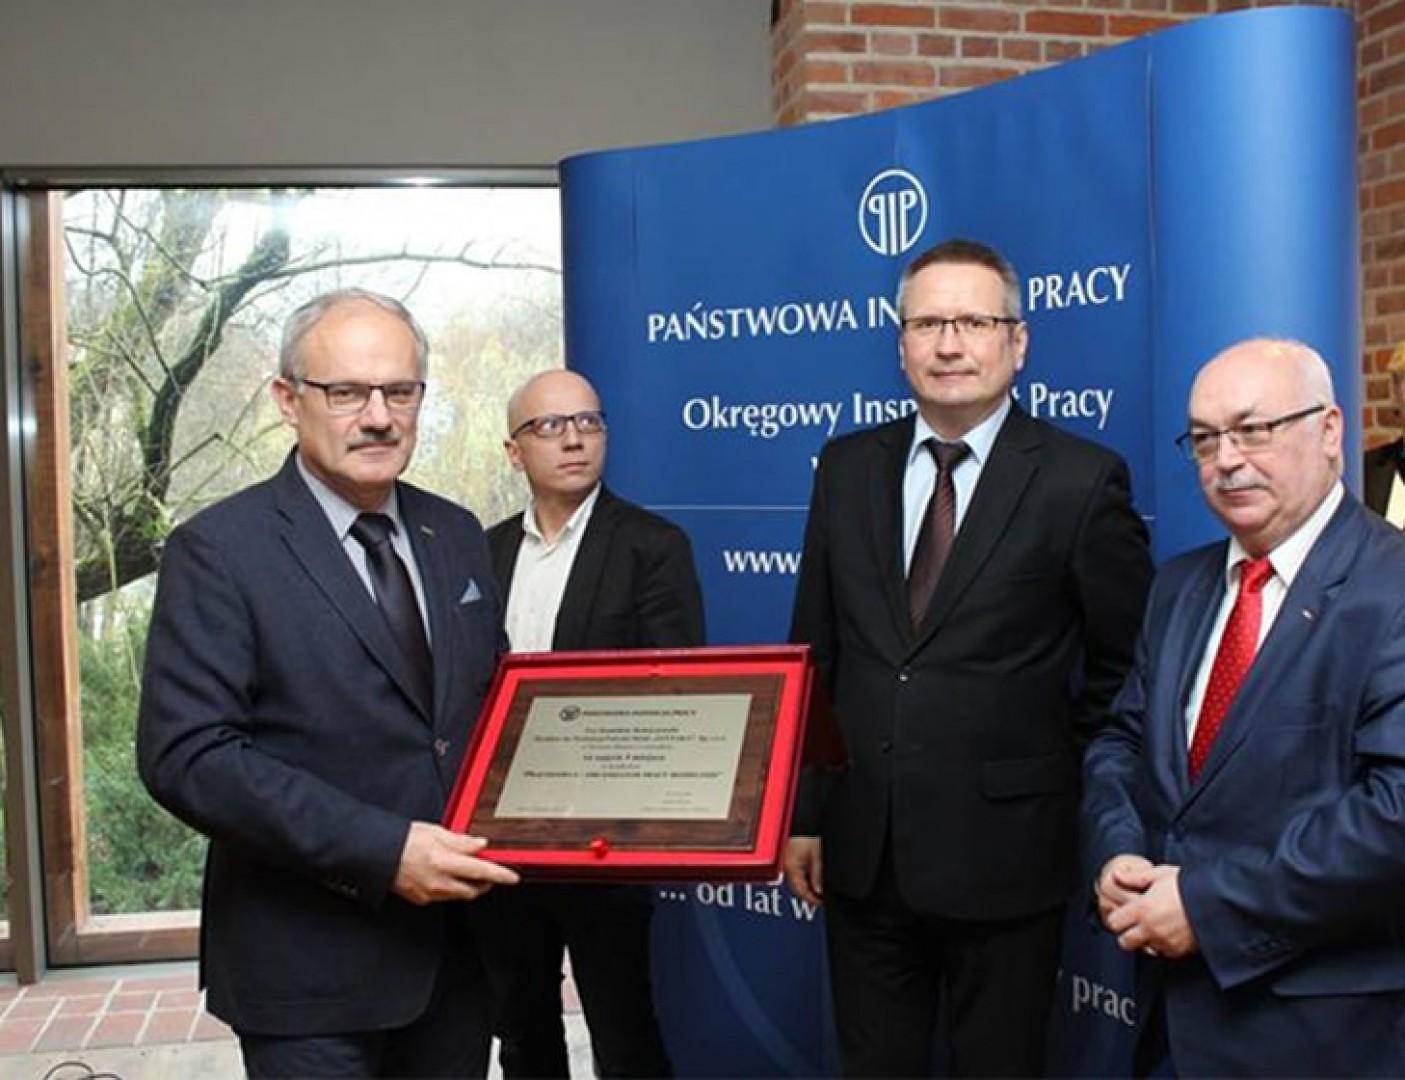 Nagrodę w plebiscycie Pracodawca - Organizator Pracy Bezpiecznej odebrał Stanisław Robaczewski, dyrektor zakładu Szynaka Meble. Fot. Szynaka Meble